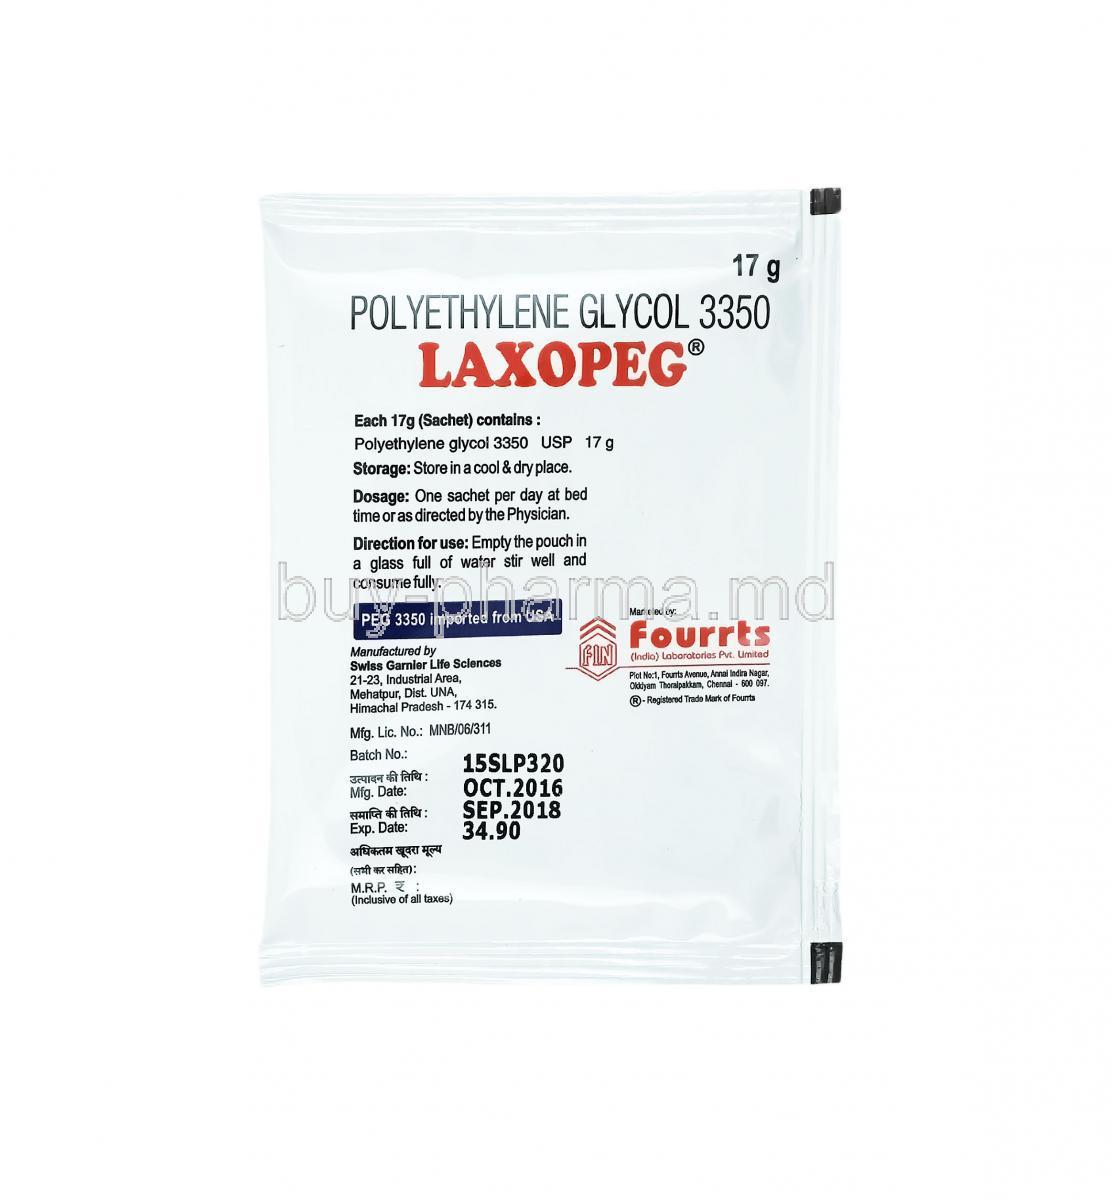 Buy Laxopeg Powder Polyethylene Glycol 3350 Laxopeg